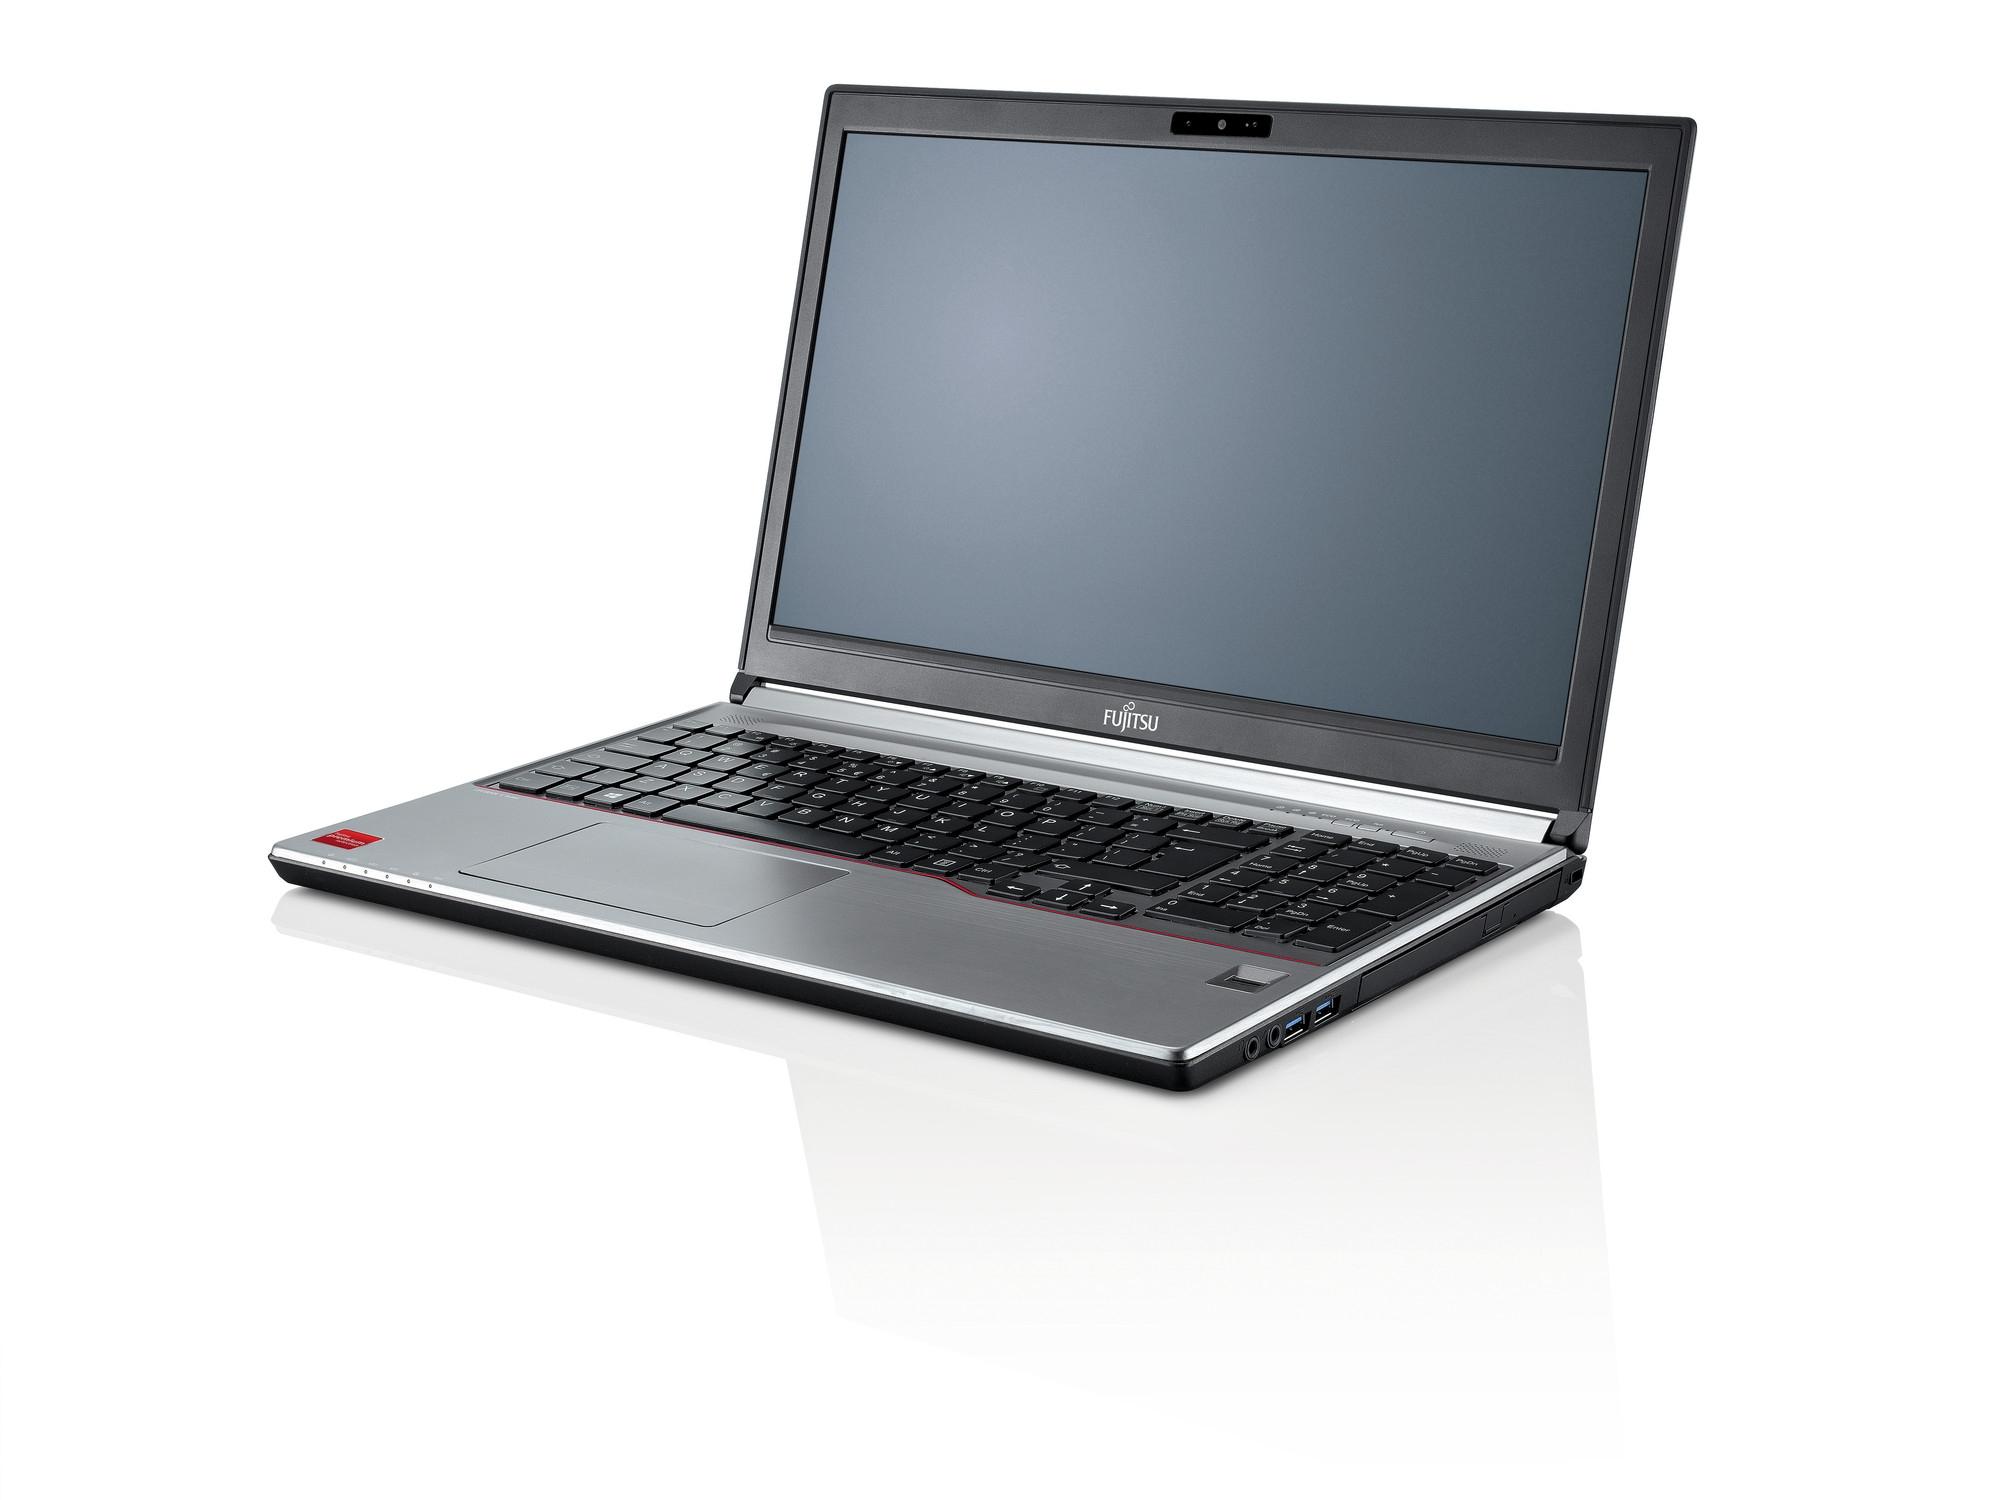 Un modello della serie Fujitsu Lifebook